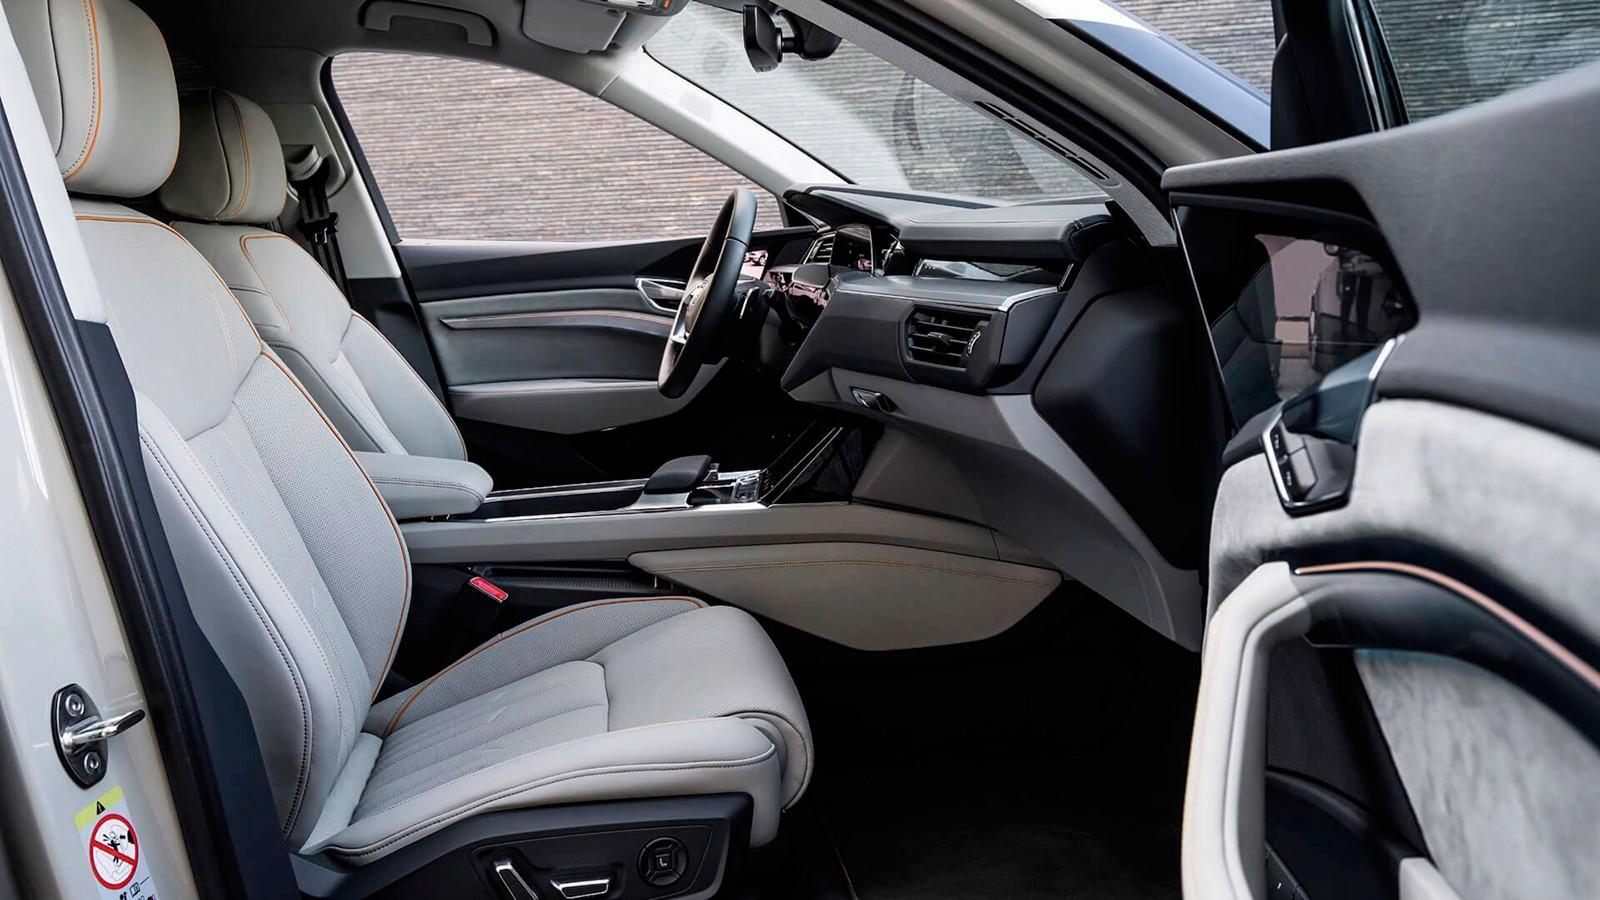 Foto de El habitáculo del Audi e-tron, al descubierto (13/19)